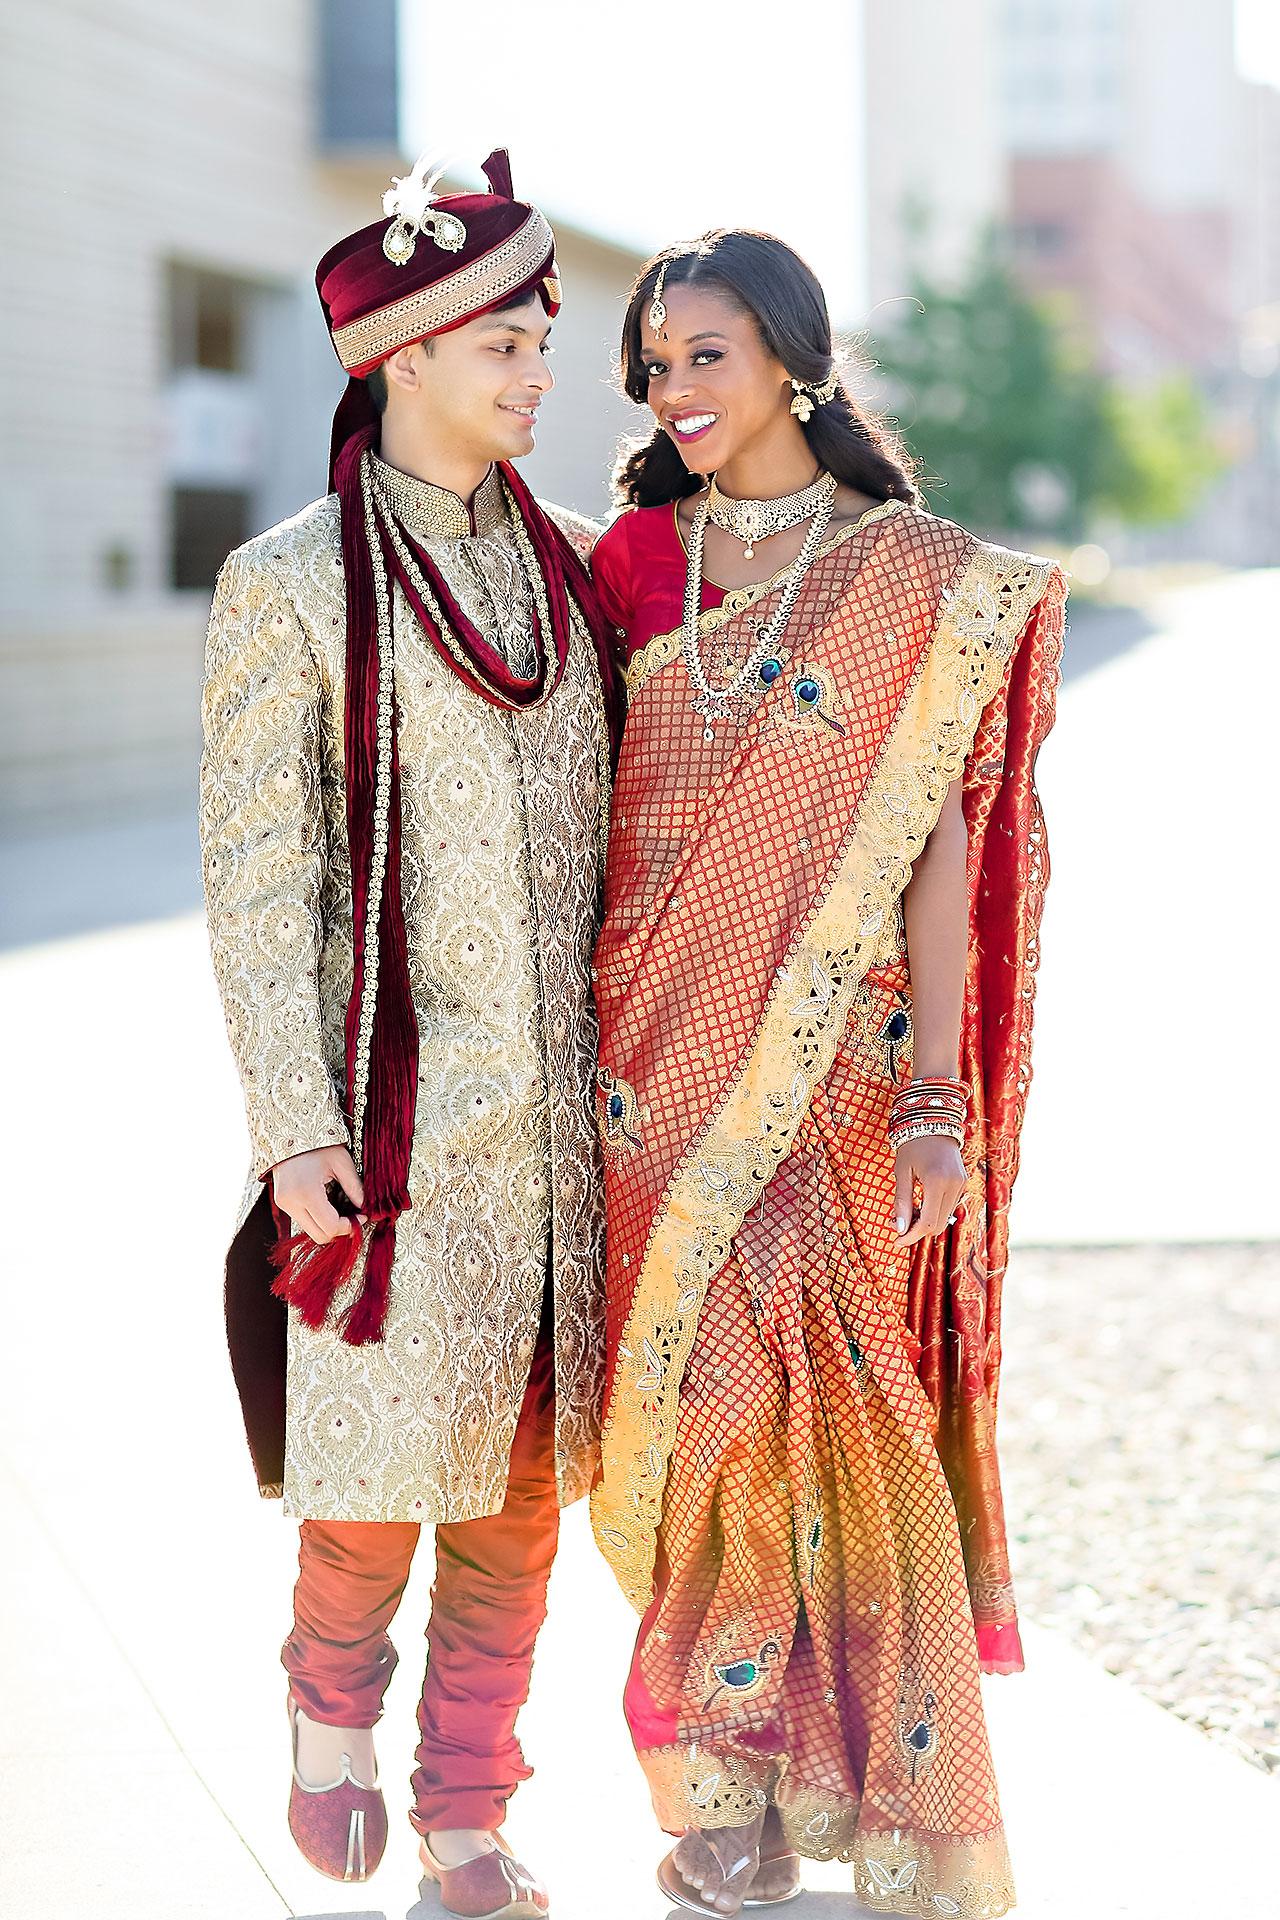 Joie Nikhil JW Marriott Indian Wedding 059